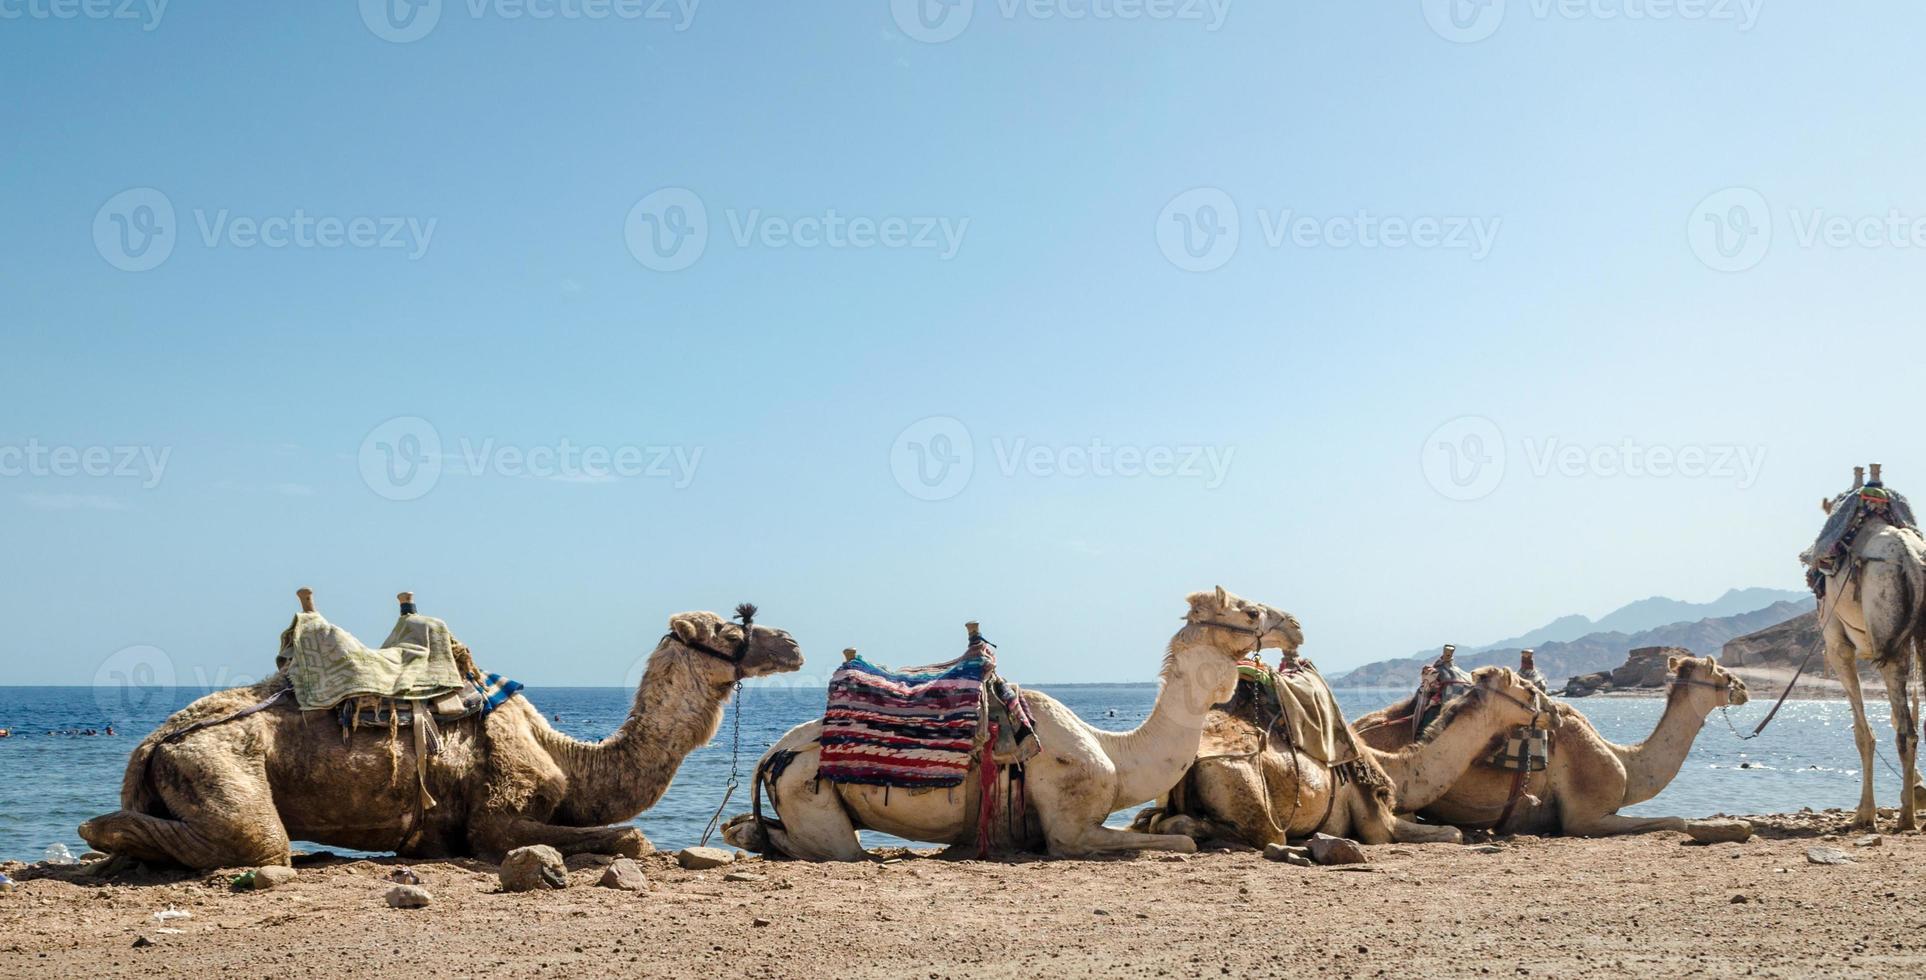 caravane de chameaux couchés photo